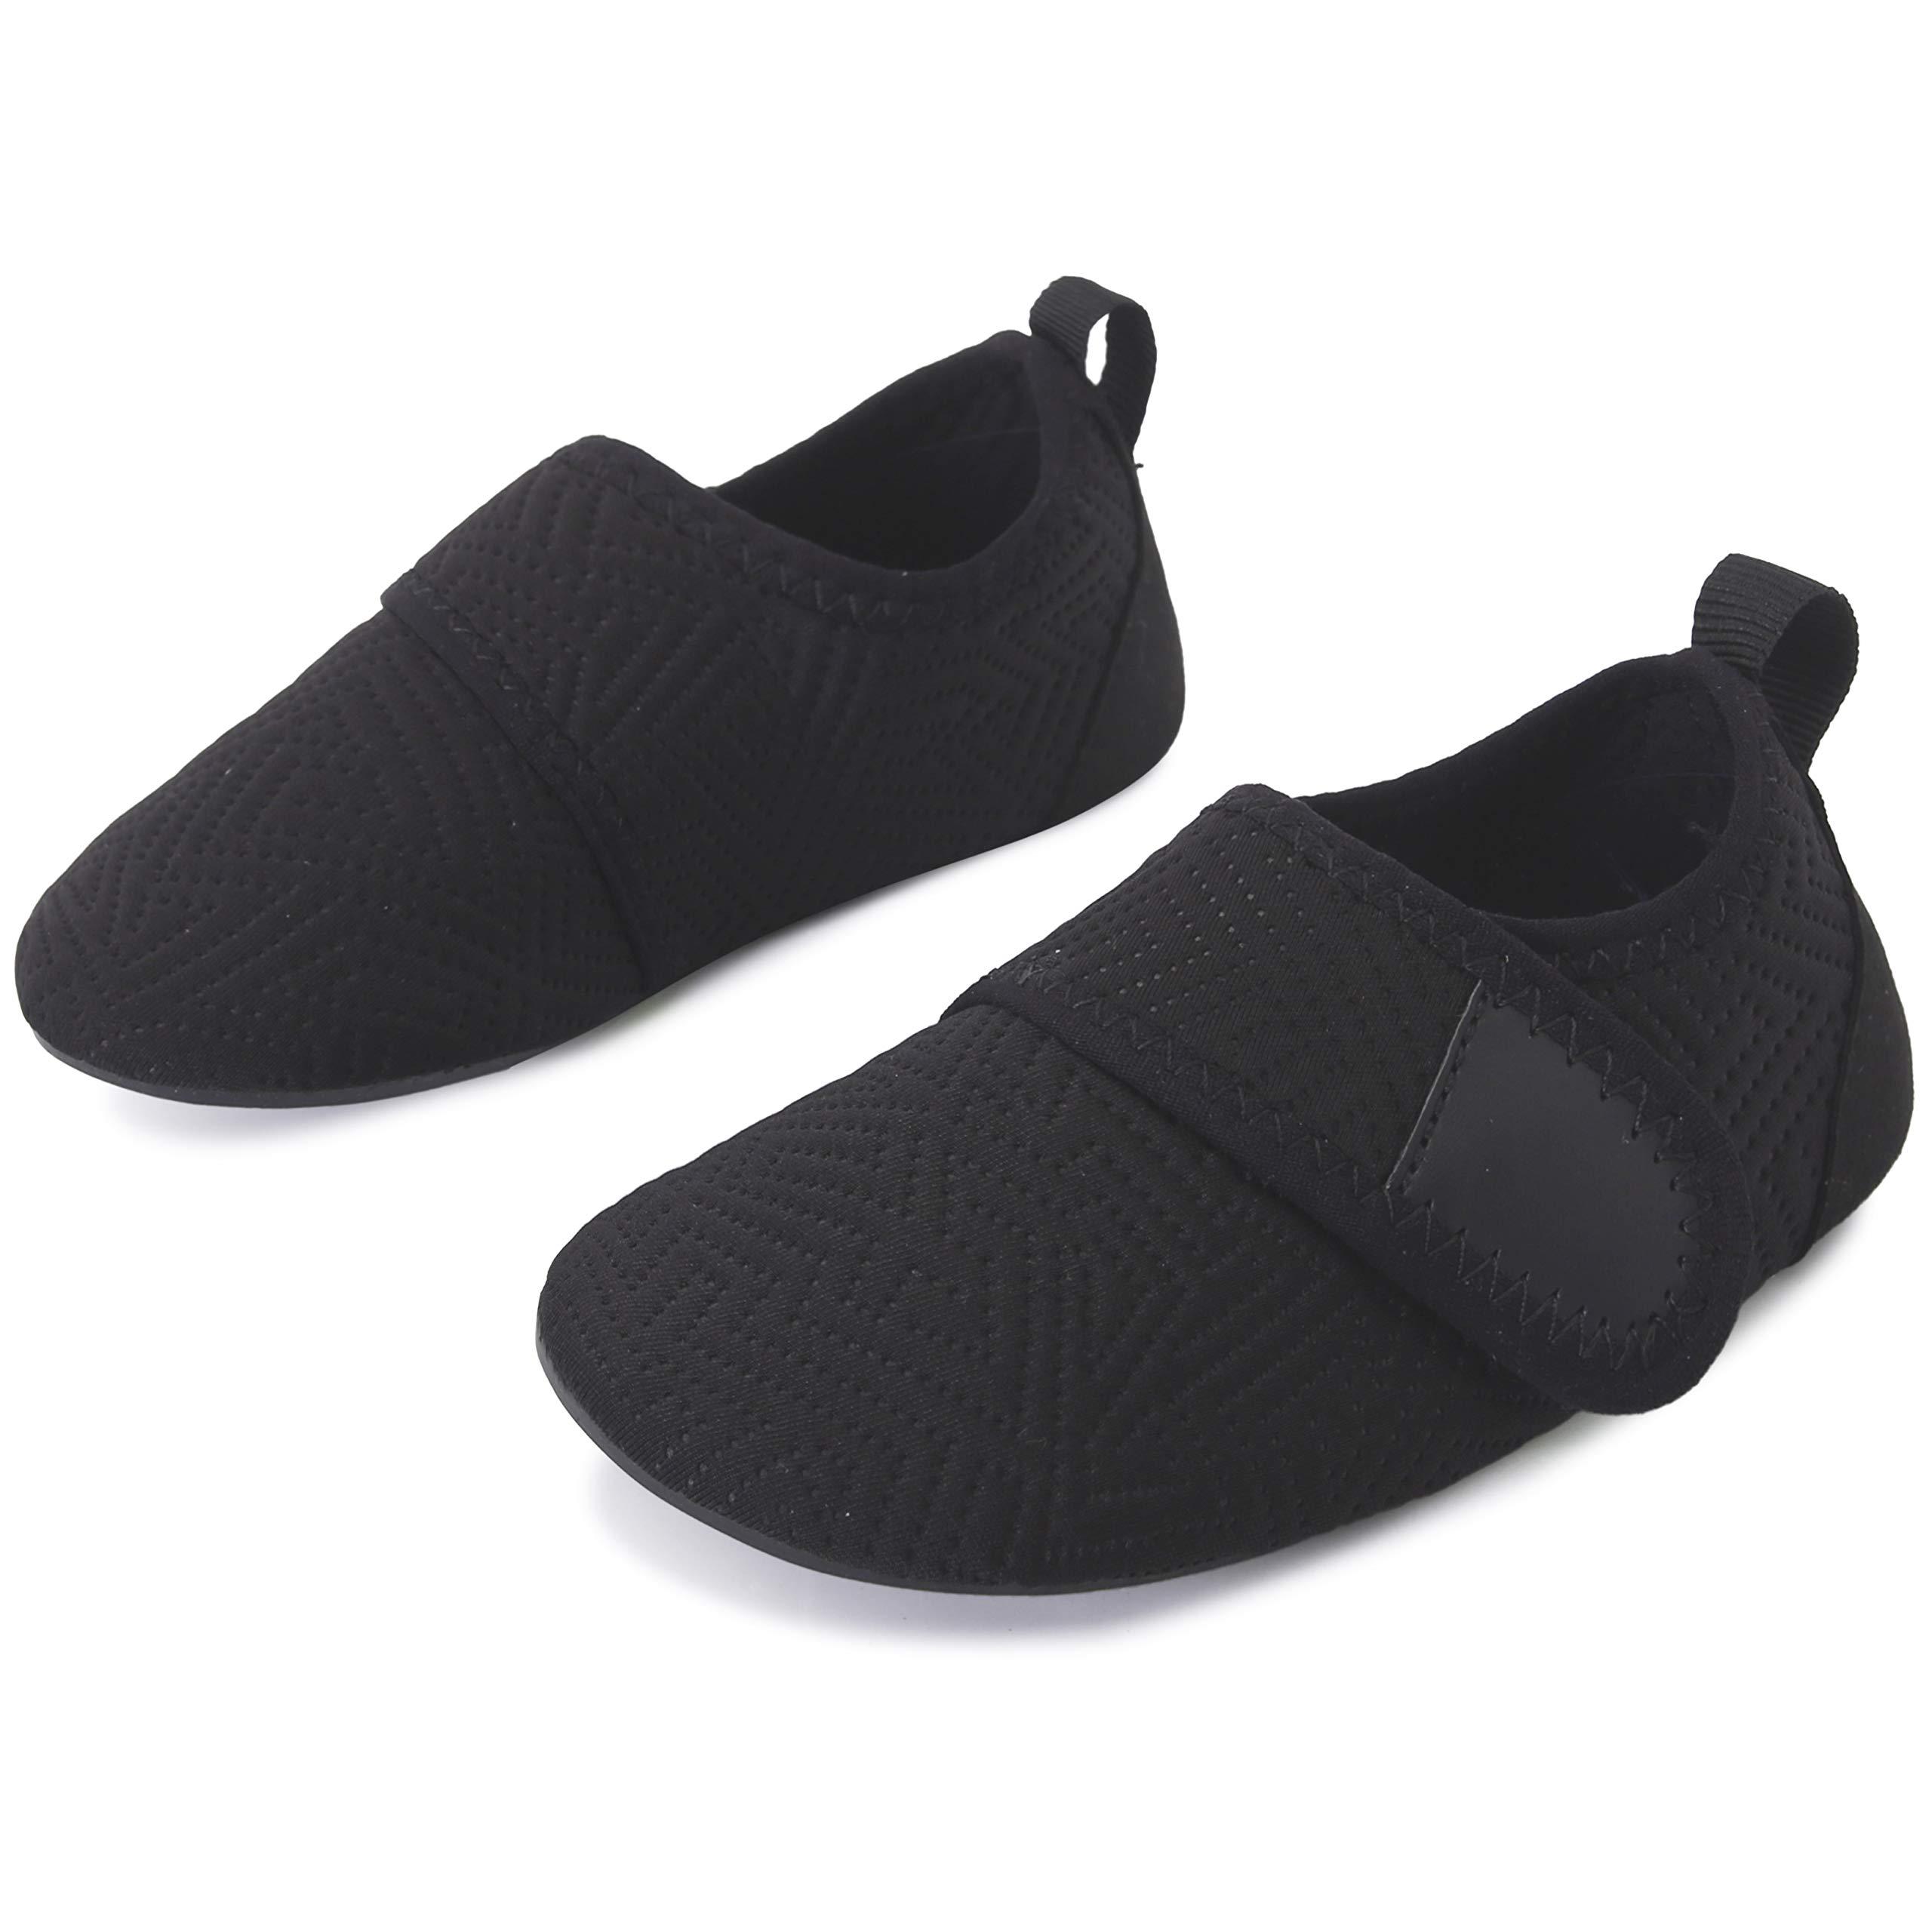 L-RUN Kids Water Swim Shoes Quick Dry Barefoot Skin Aqua Socks Black 6-7=EU22-23